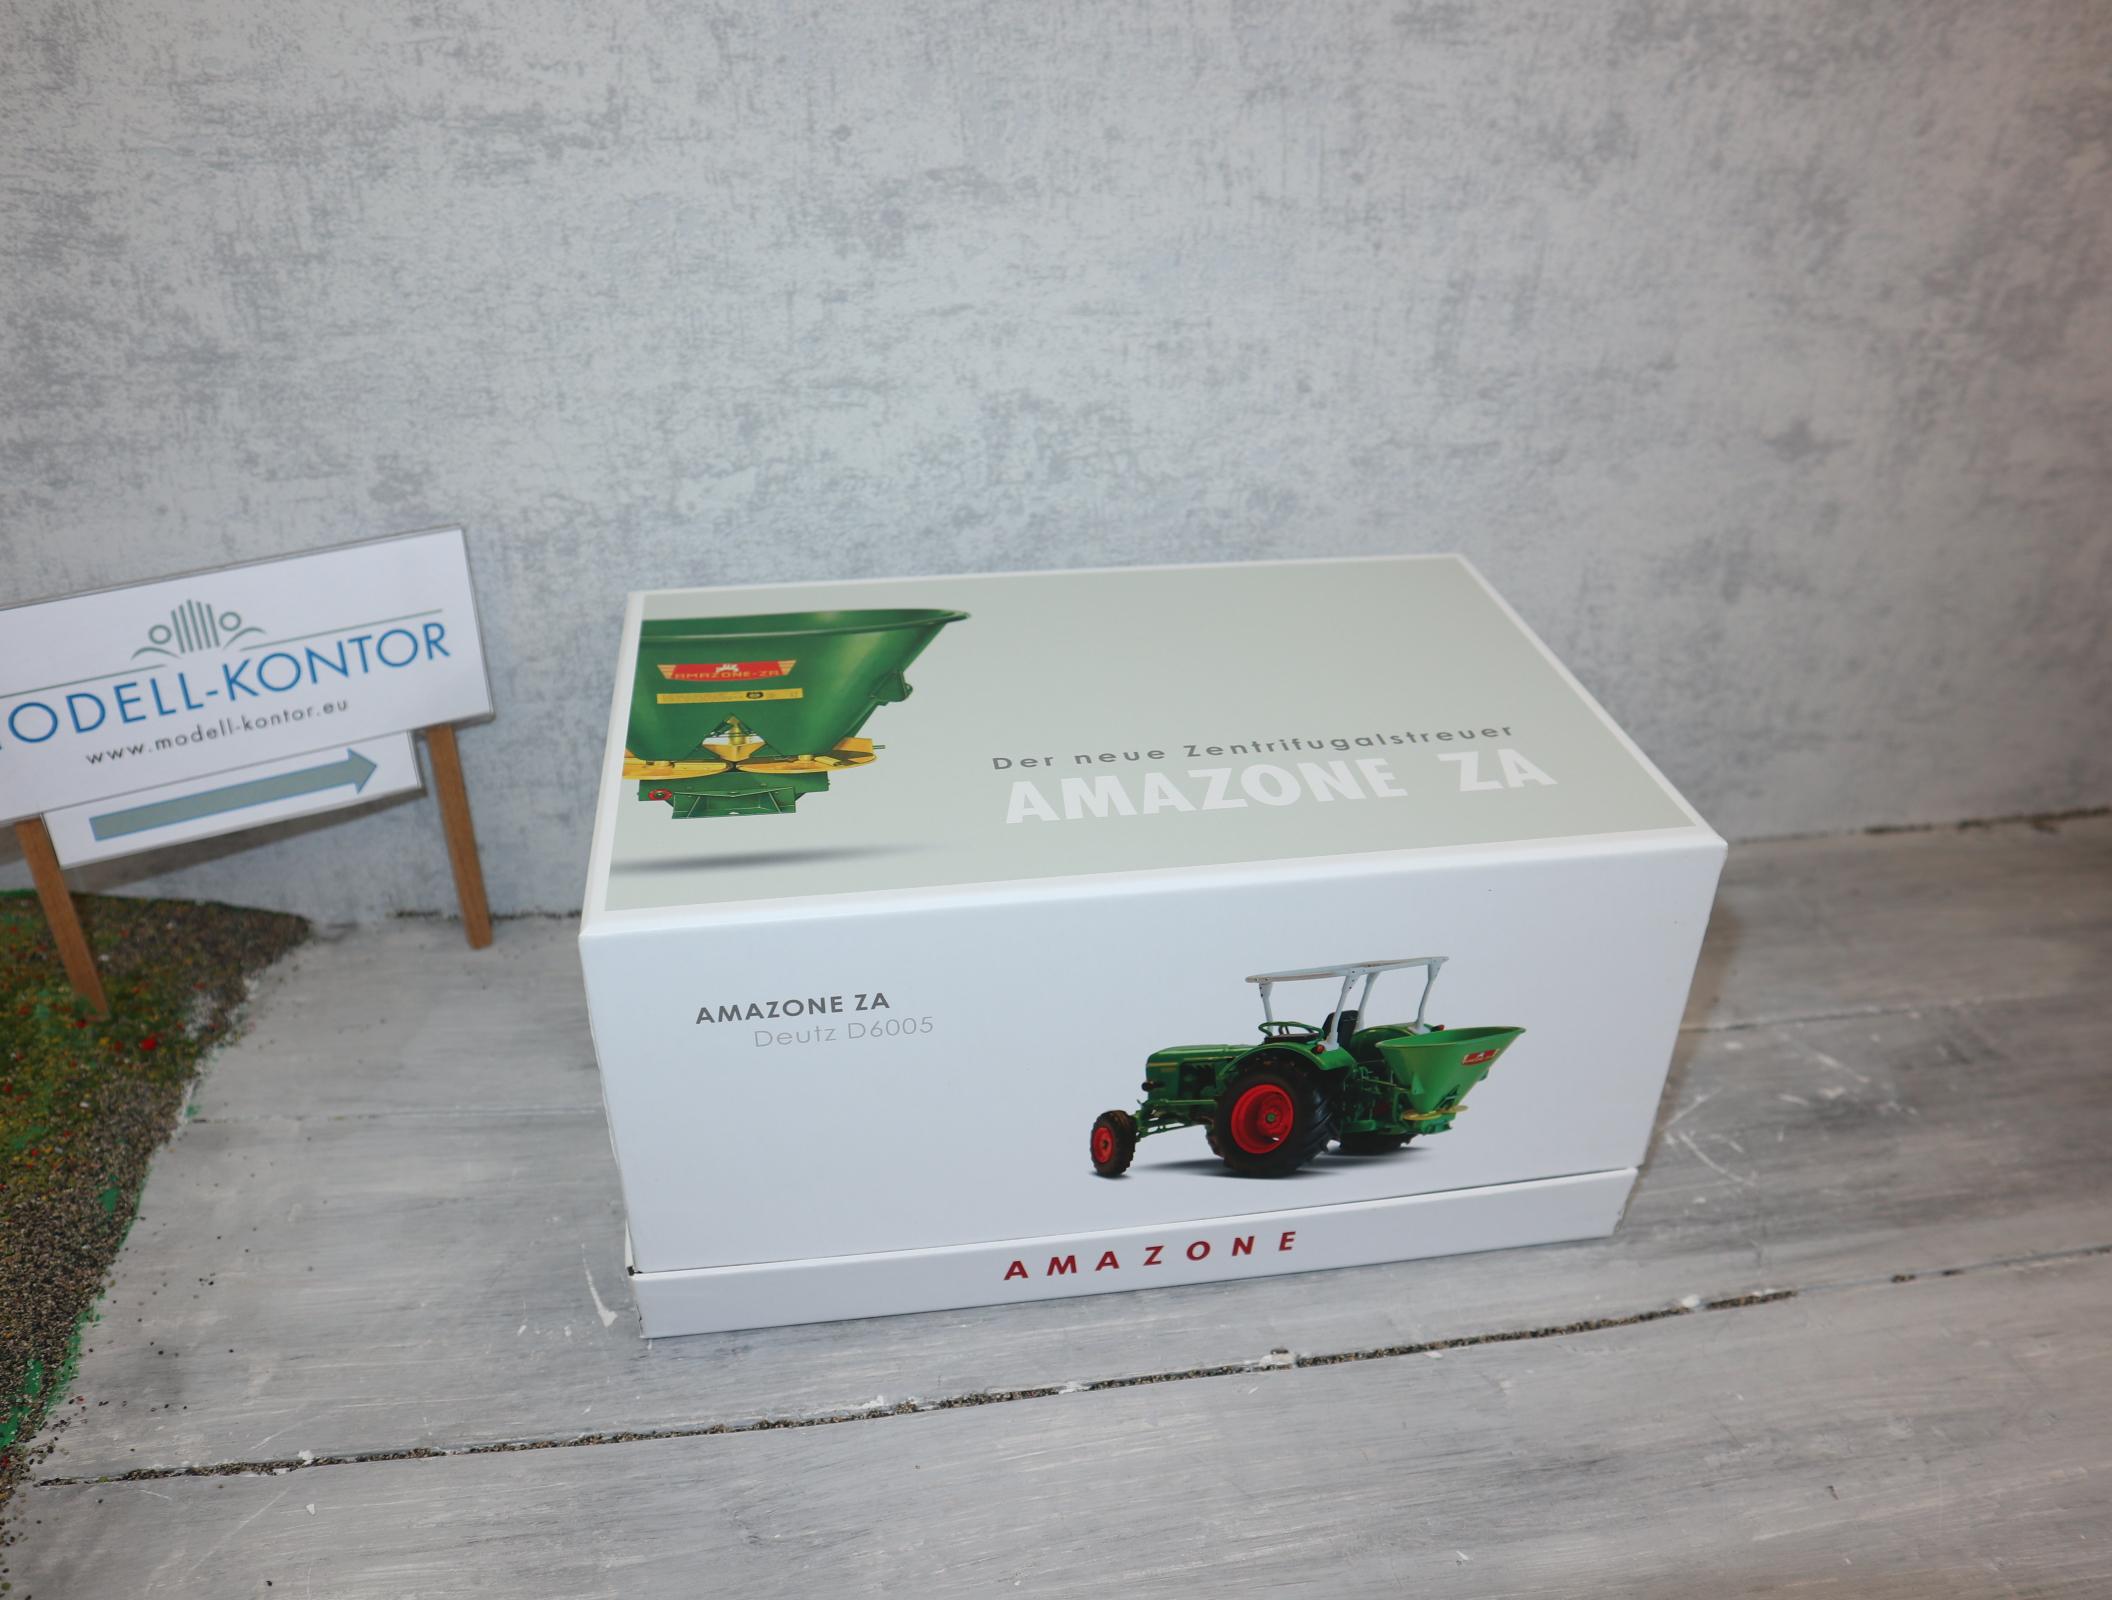 Universal Hobbies 5371 in 1:32 AMAZONE ZA mit Deutz D60 05 Sondermodell 1500 Stück in OVP